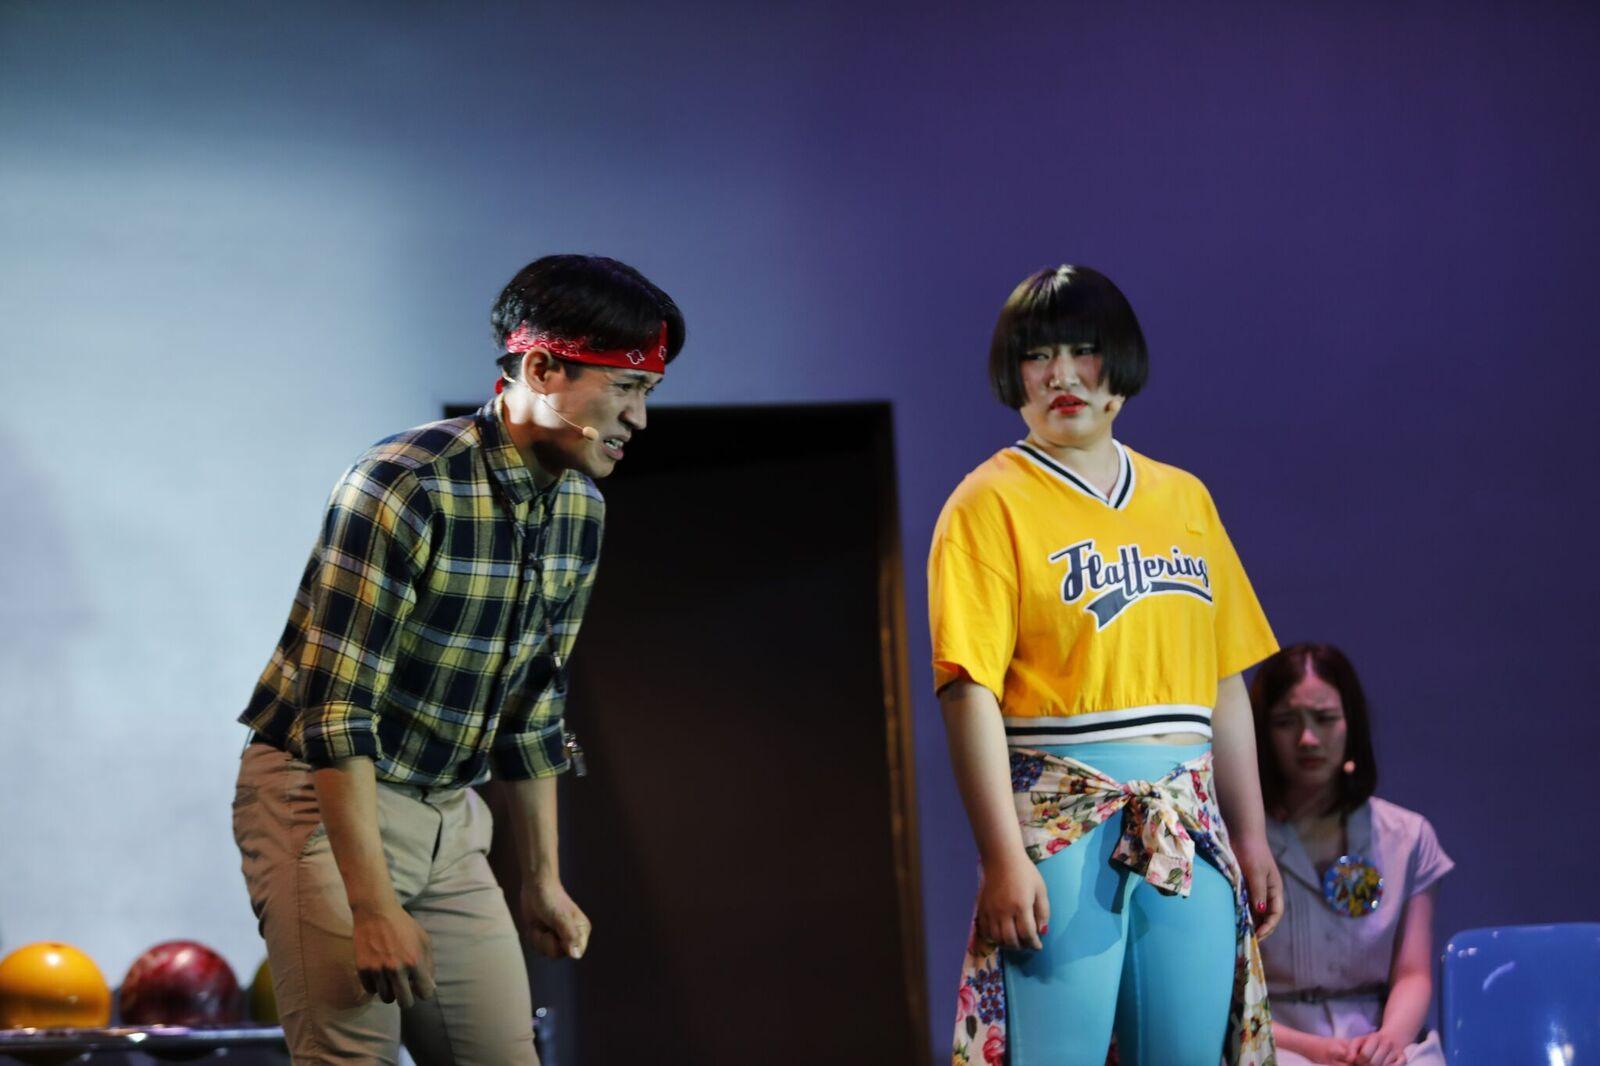 劇団4ドル50セント 週末定期公演 Vol.1舞台写真2